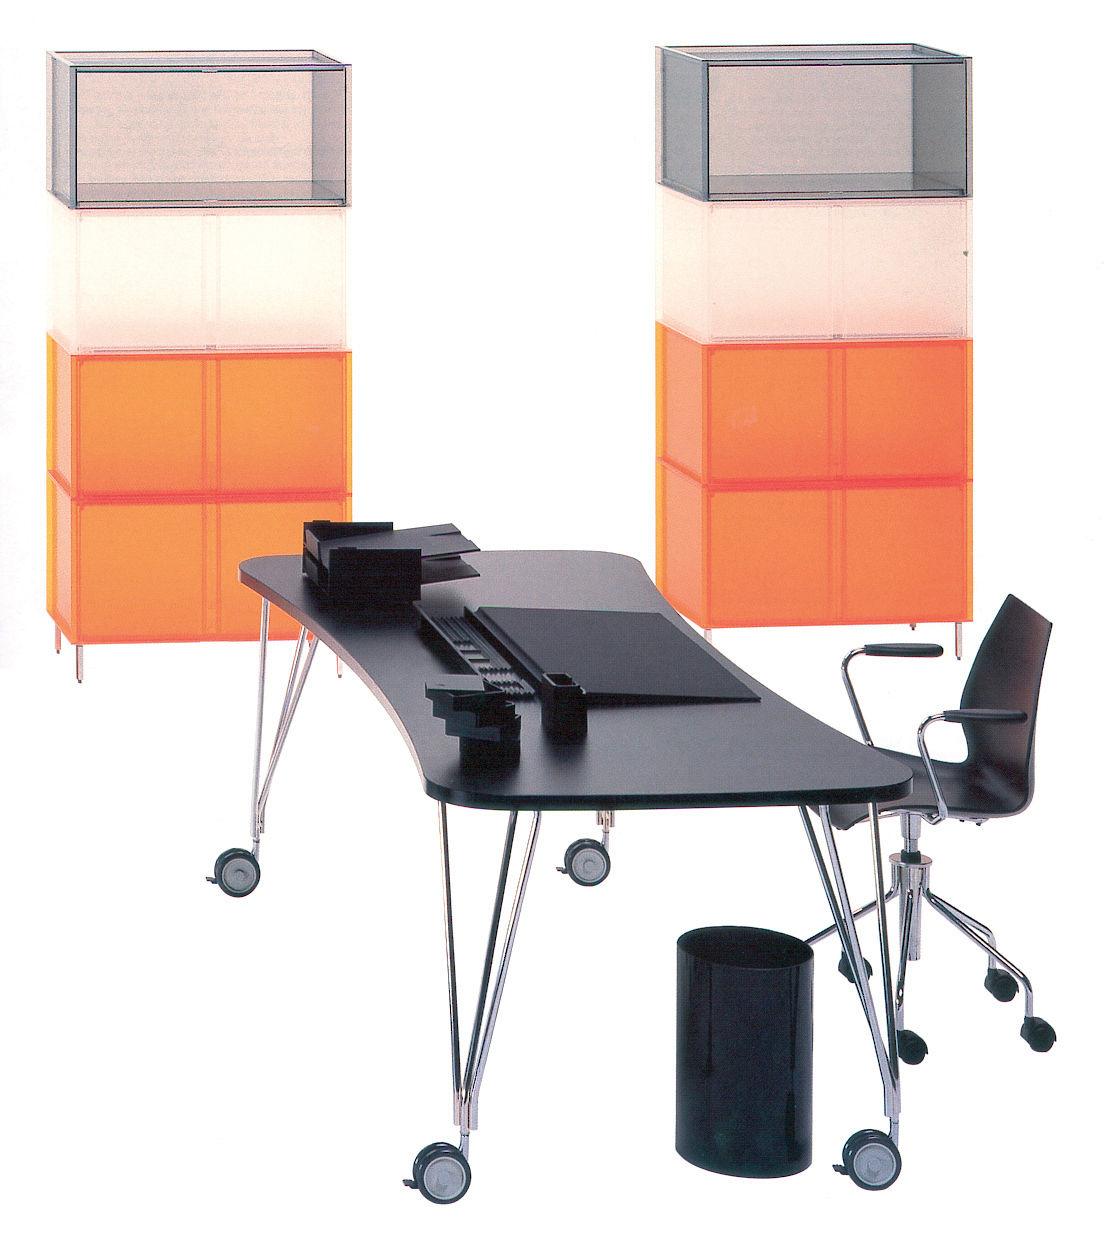 Table max bureau roulettes l 160 cm blanc kartell for Bureau kartell